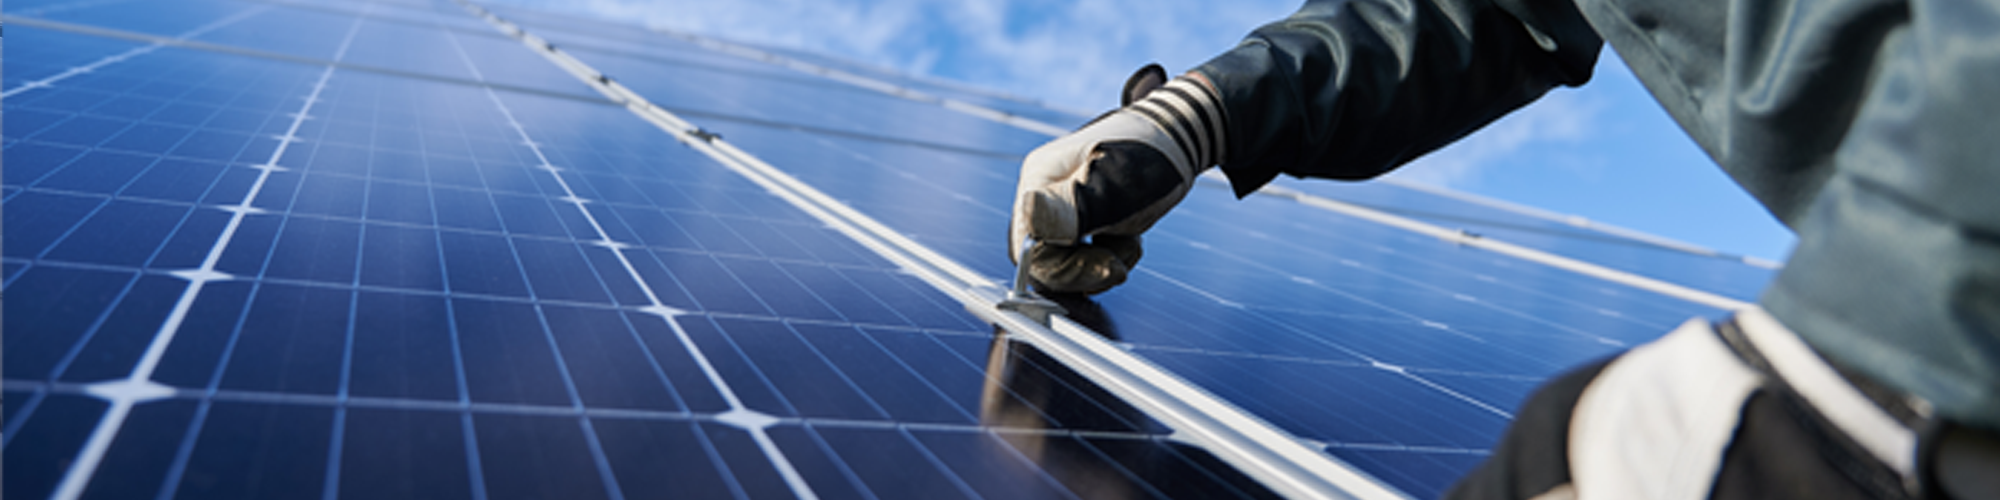 Montering av solcellepanel